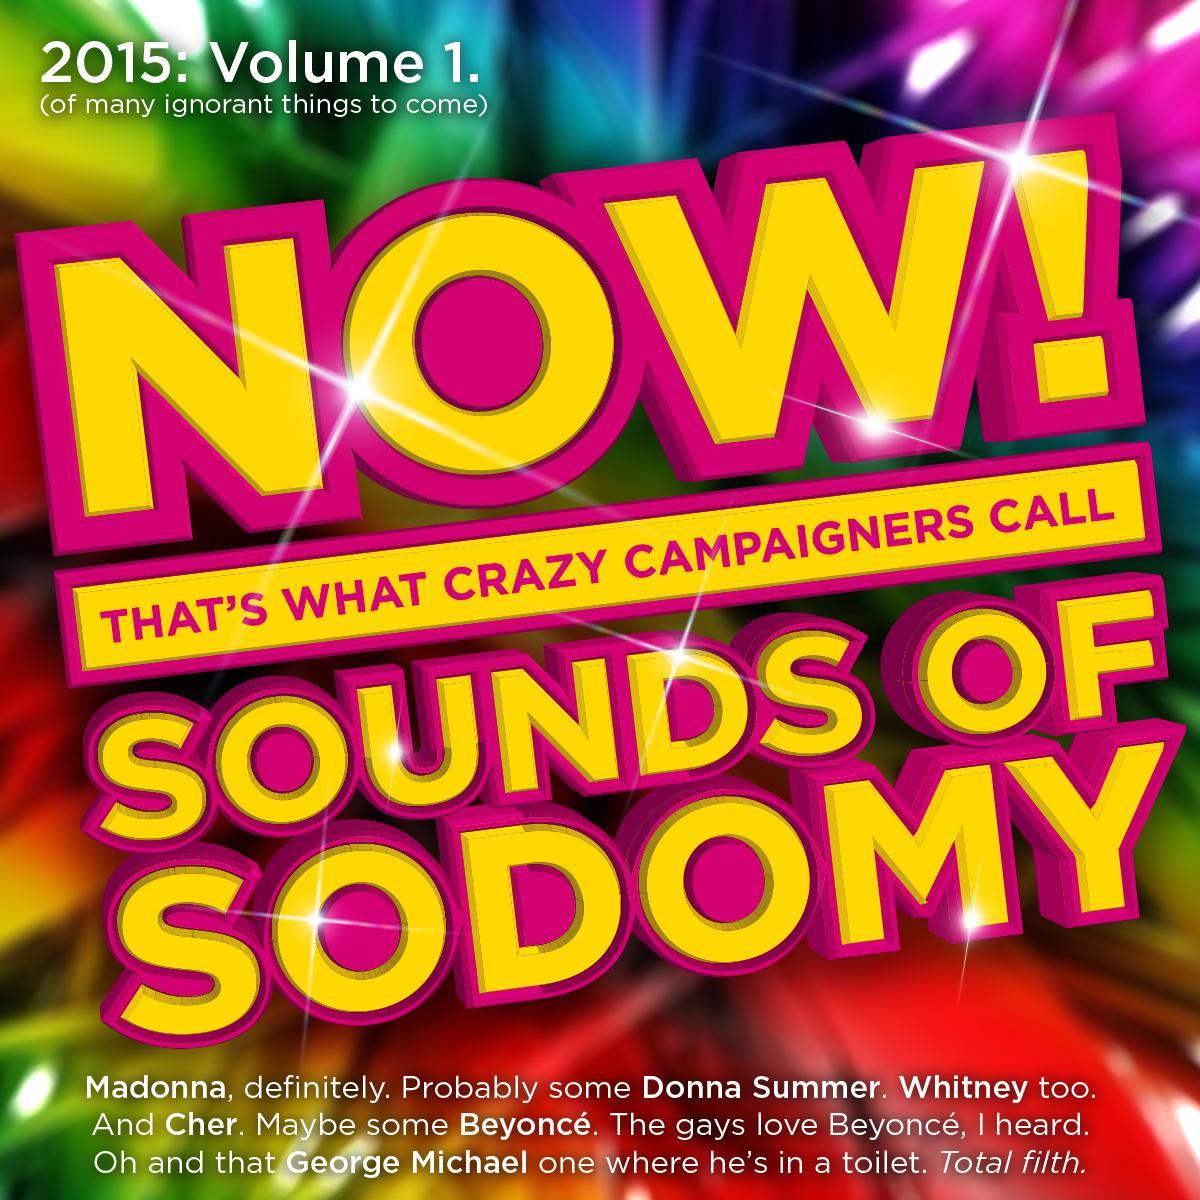 Sounds of Sodomy